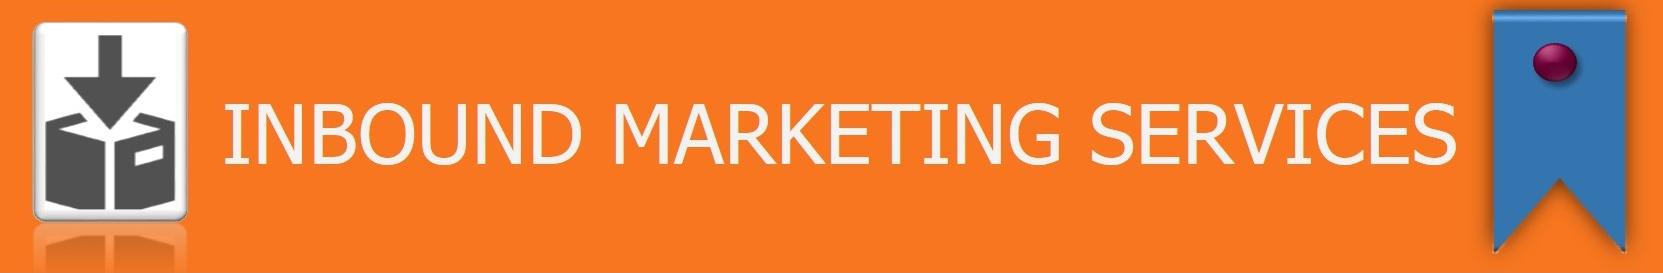 ENACT_Inbound_Marketing_Services